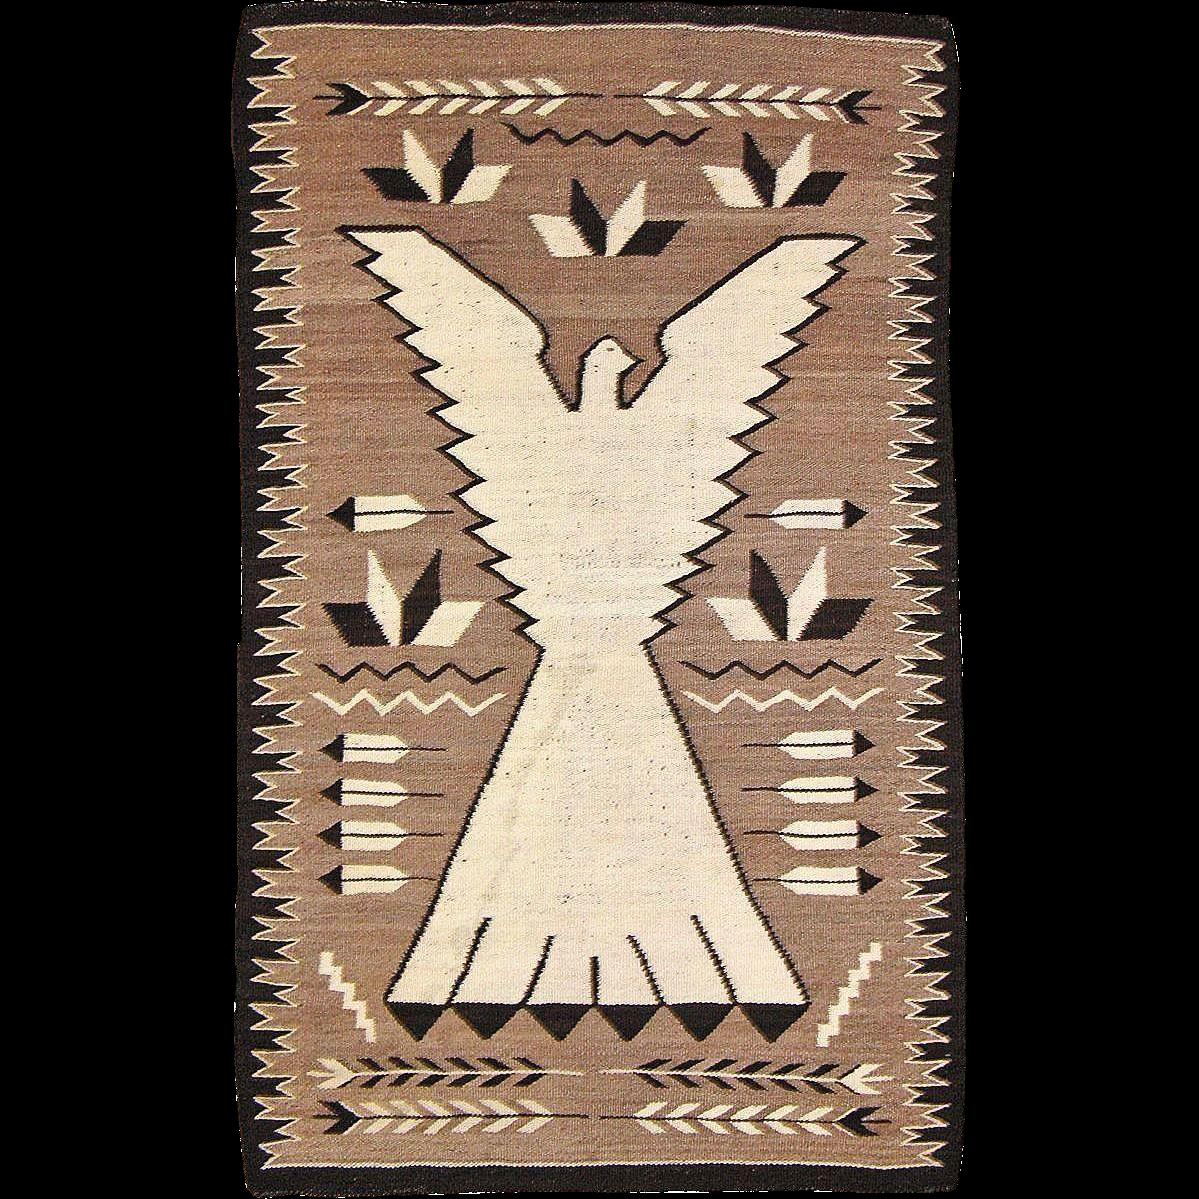 Pictorial Navajo Weaving Peyote Bird /Eagle, ca. 1930